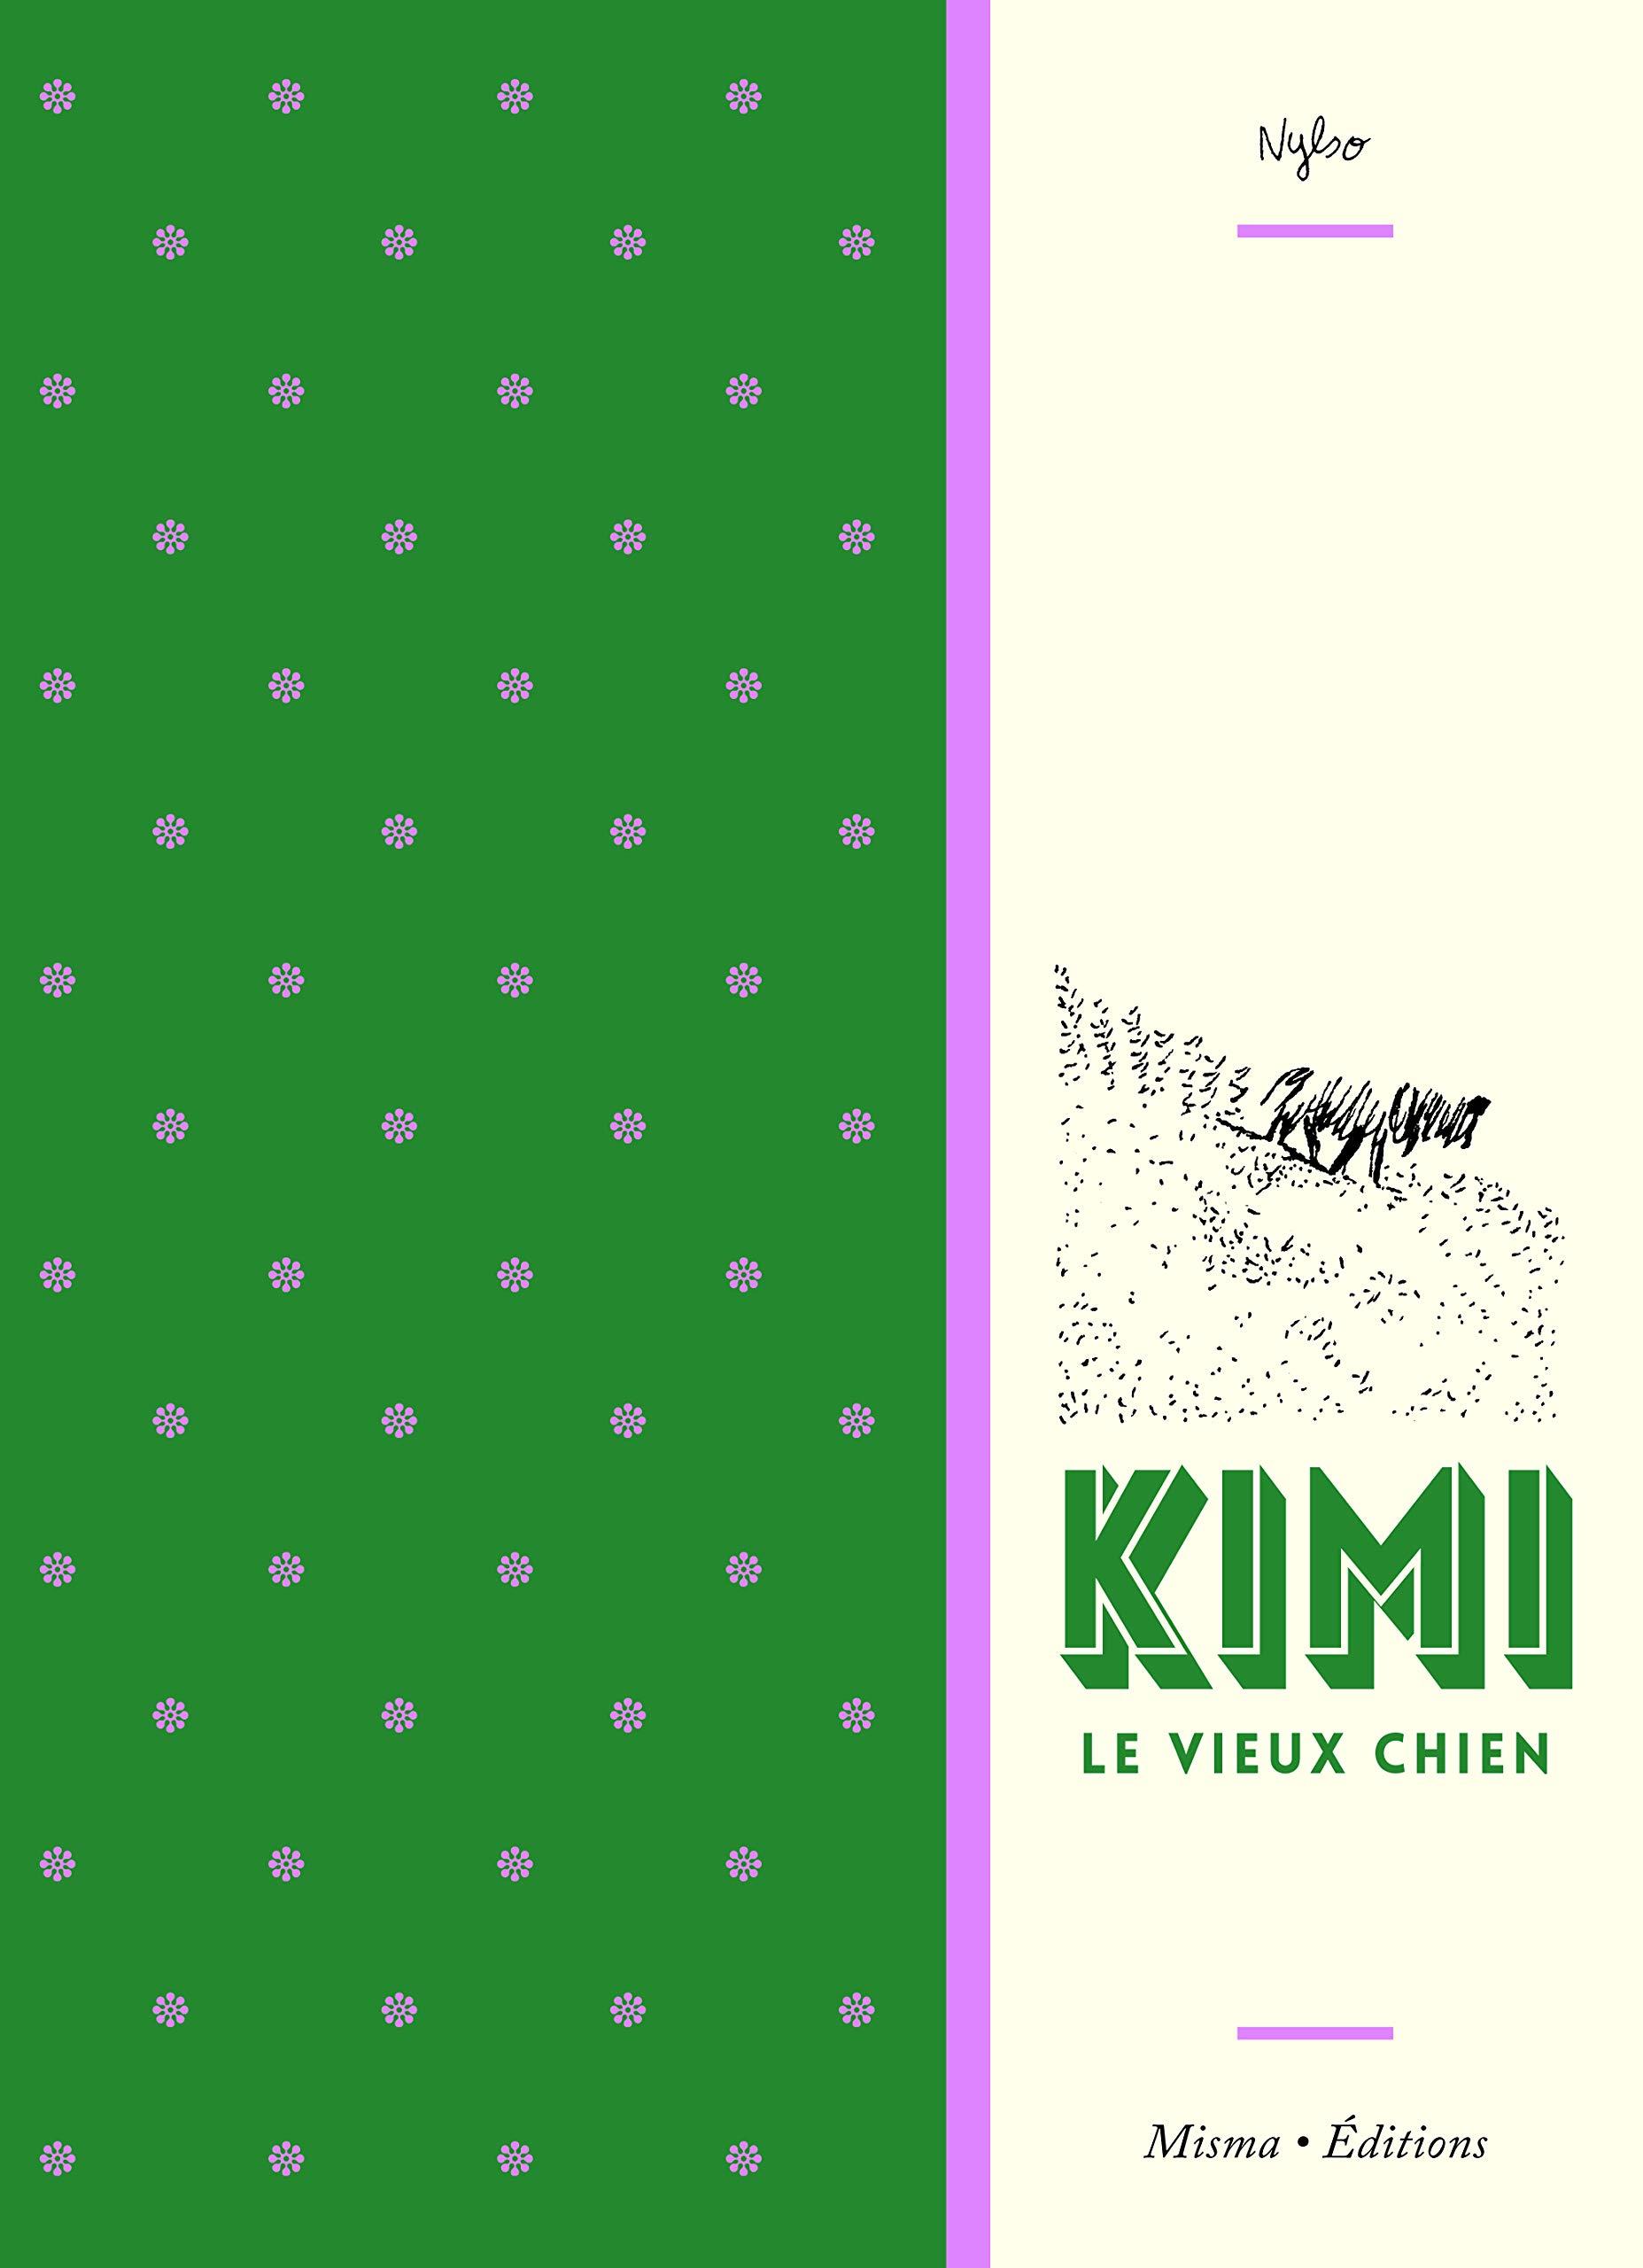 Kimi le vieux chien Album – 19 septembre 2018 Nylso Misma Editions 291625465X BD tout public